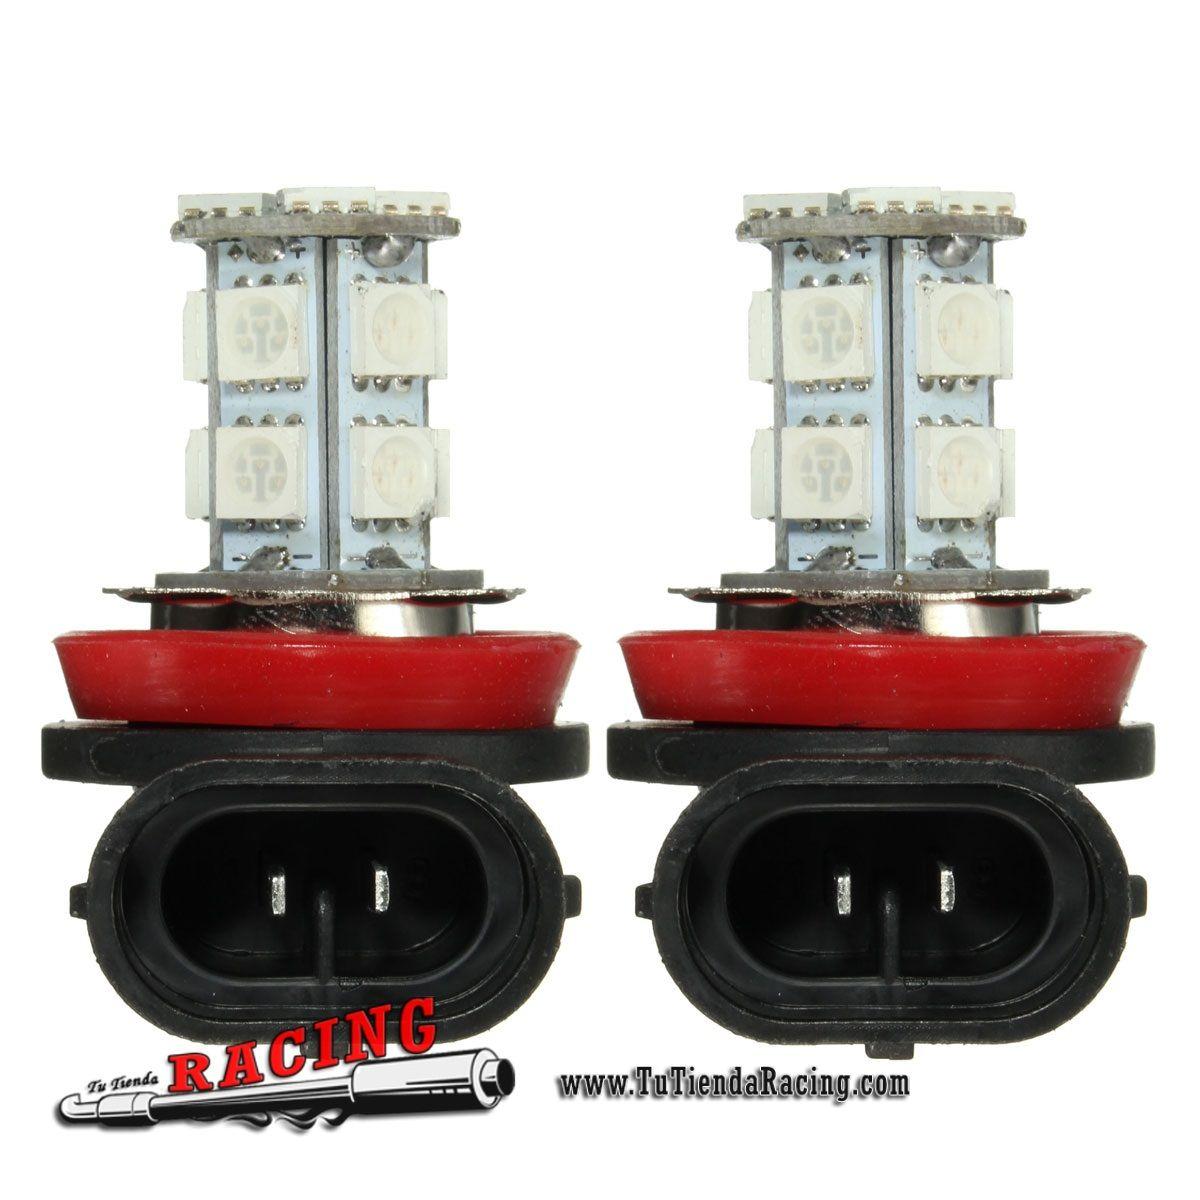 Bombillas Led H7 Canbus.5 01 Envio Siempre Gratuito 2x Bombillas Led H11 H8 H9 Drl Led